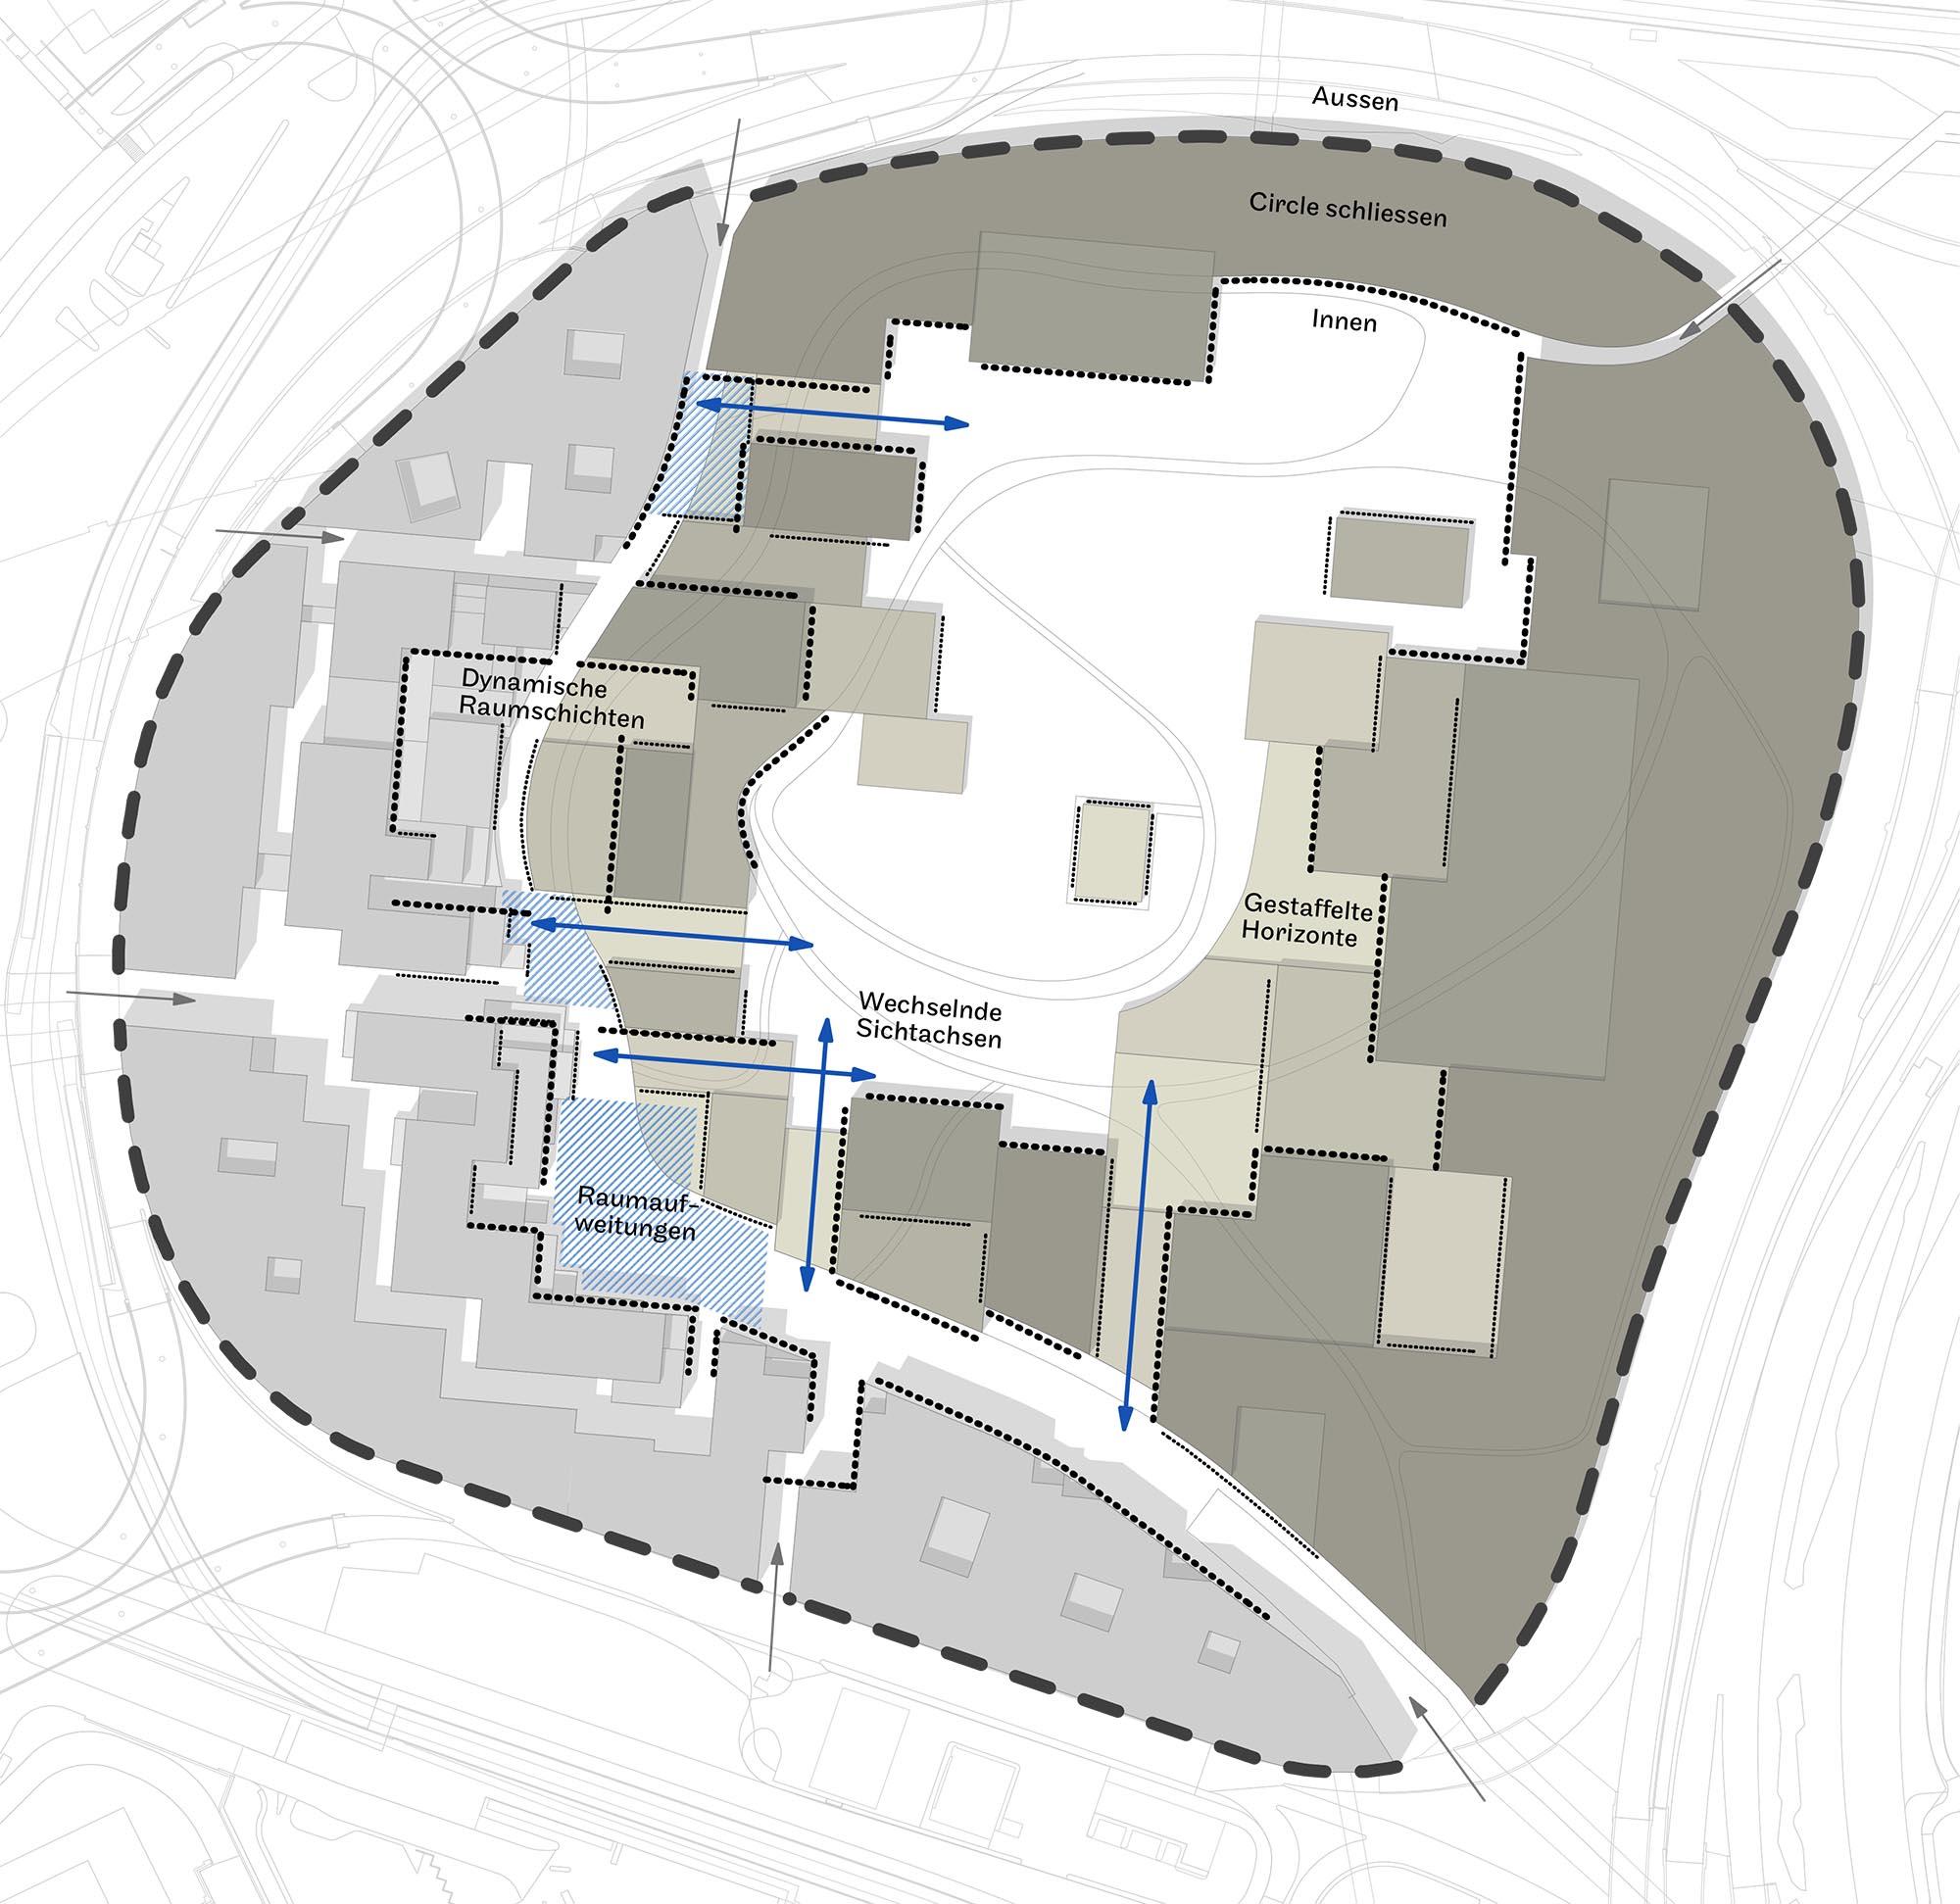 Räumliche Klarheit   Der Park orientiert sich in seiner räumlichen Ausprägung an der Gebäudestruktur. Der Circle wird geschlossen und lässt ein Innen und Aussen entstehen. Die markante Waldkante nach Aussen gibt dem Circle ein Ausdruck in Richtung Kloten und schafft eine Allseitigkeit des Konglomerats Park und Gebäude. Im Innern löst sich die Raumstruktur auf. Gebäude und Park spielen mit ihren Raumschichten und Horizonten zusammen. Der Dynamik des Waldes folgend, unterliegt die innere Struktur des Parks einer ständigen Veränderung und führt somit die Transformationsgeschichte des Butzenbüel fort.